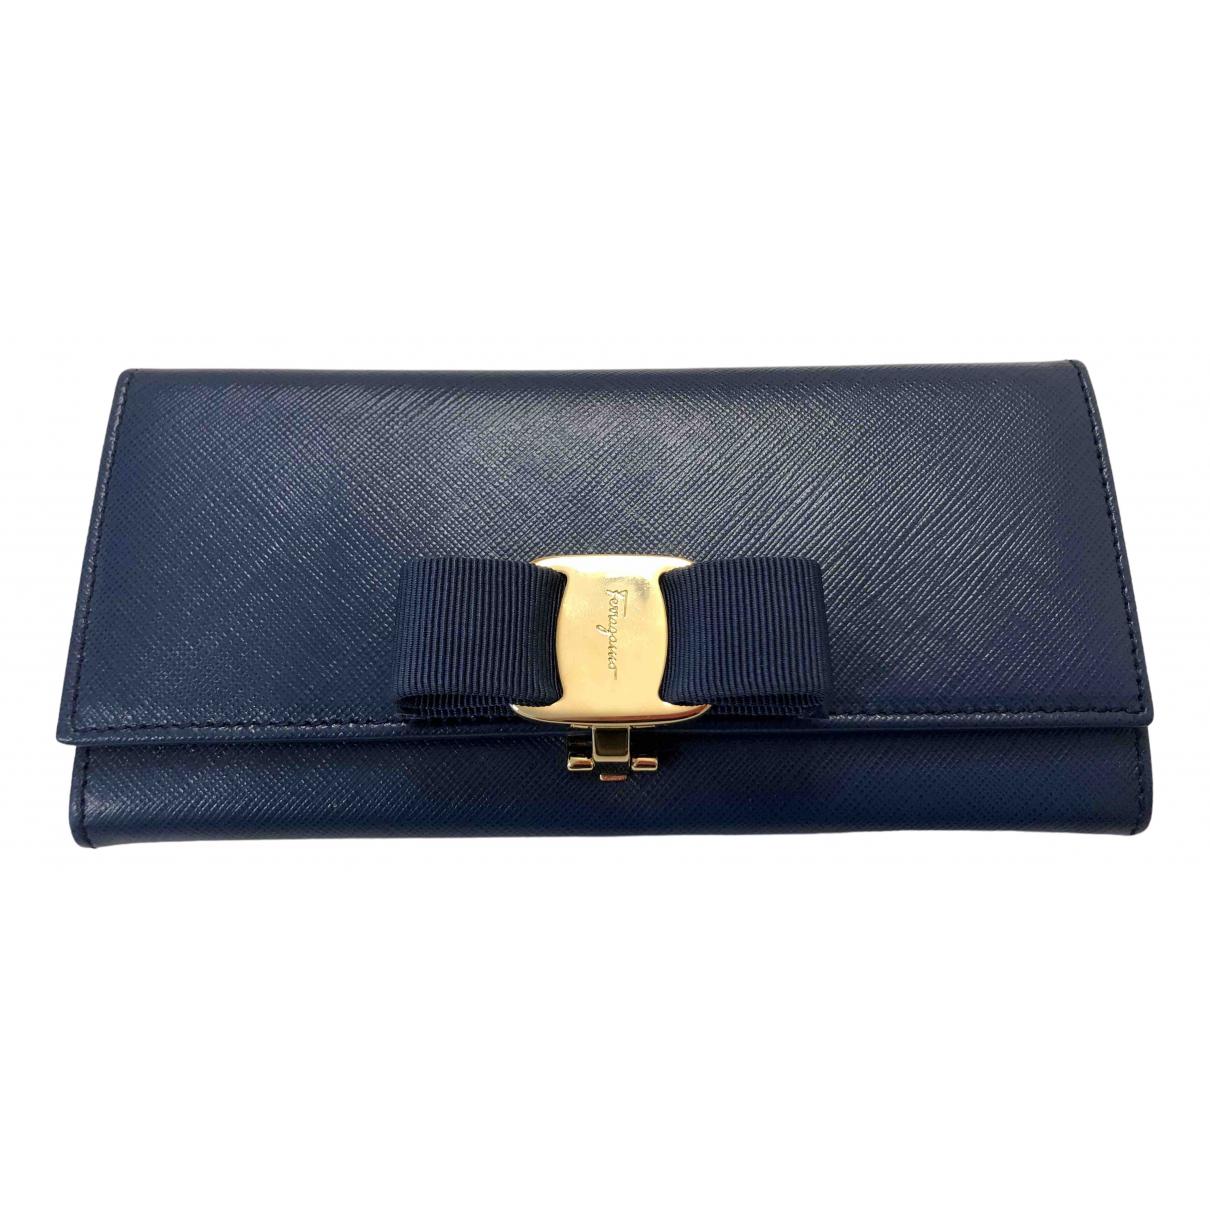 Salvatore Ferragamo \N Blue Leather wallet for Women \N